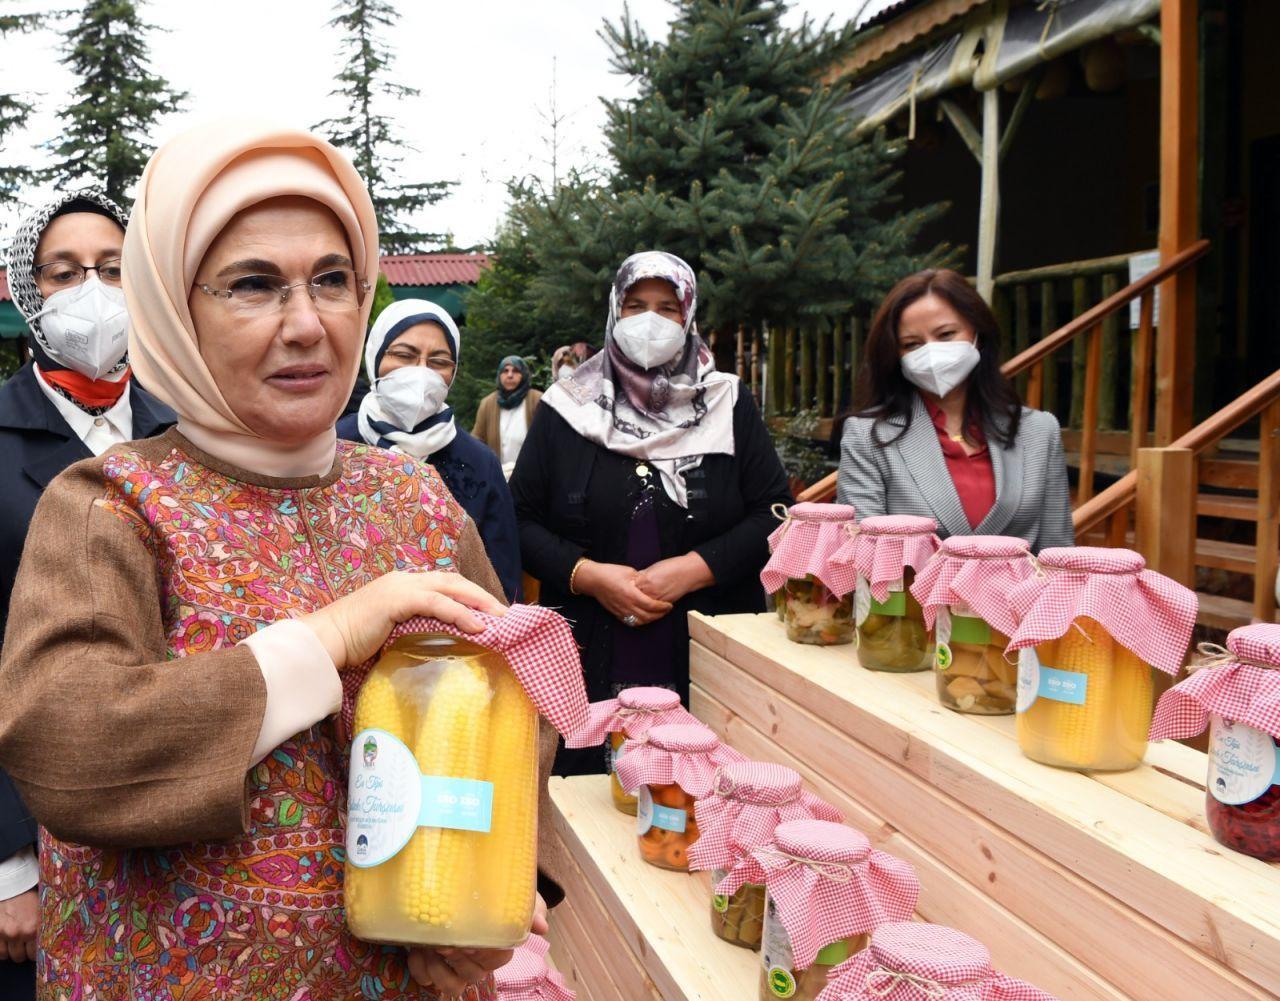 Emine Erdoğan'ın kurduğu turşu, çiftçi kadınlardan tam puan aldı - Sayfa 4